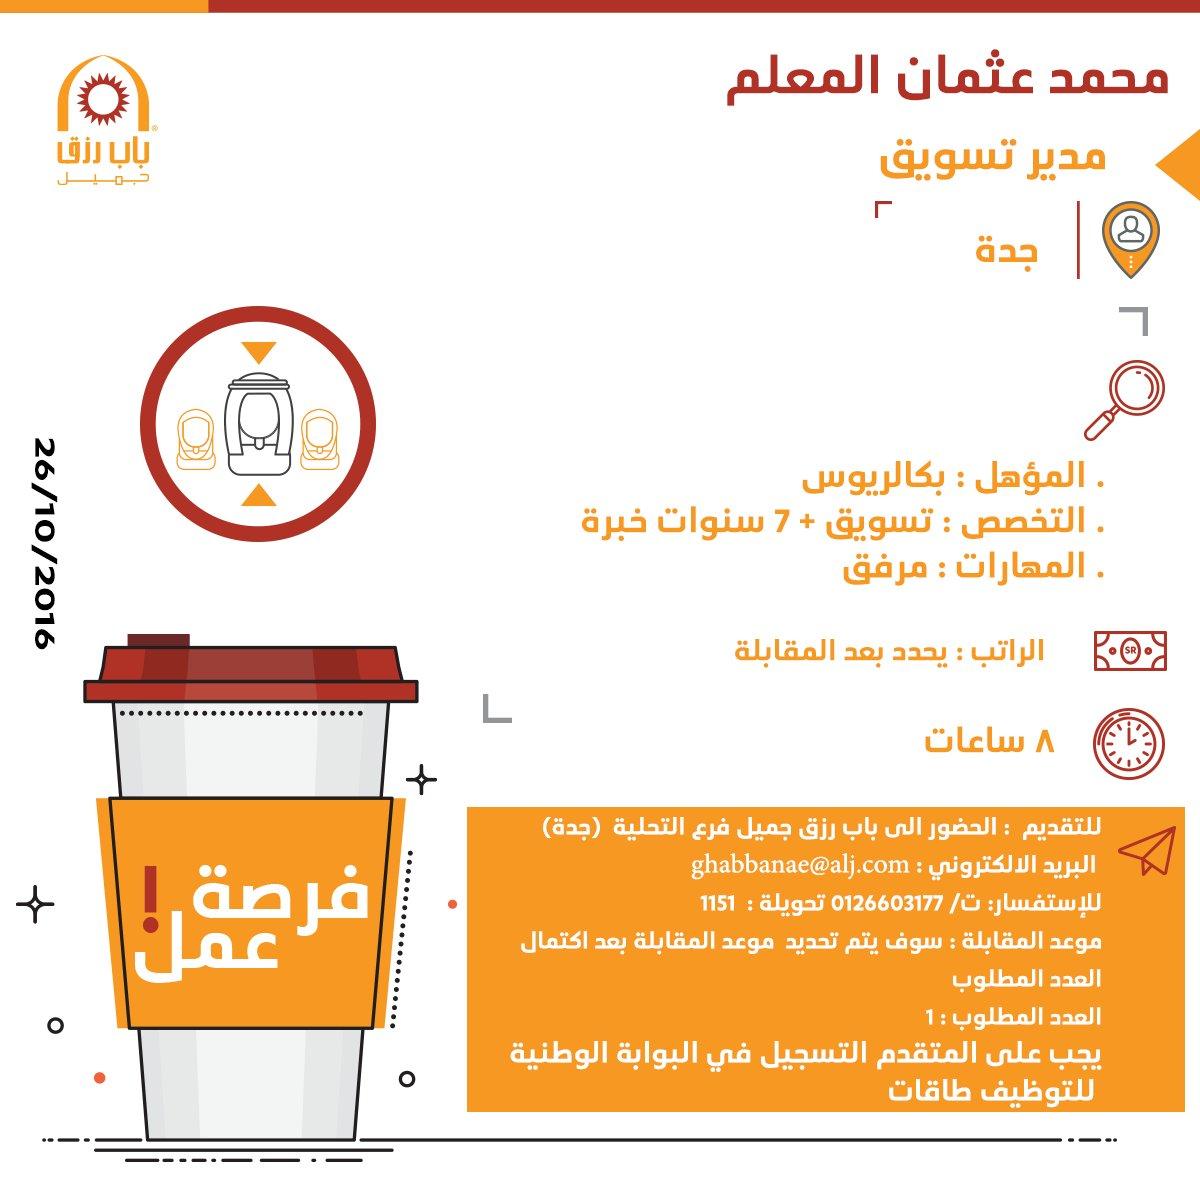 مطلوب مدير تسويق لشركة محمد عثمان المعلم - جدة